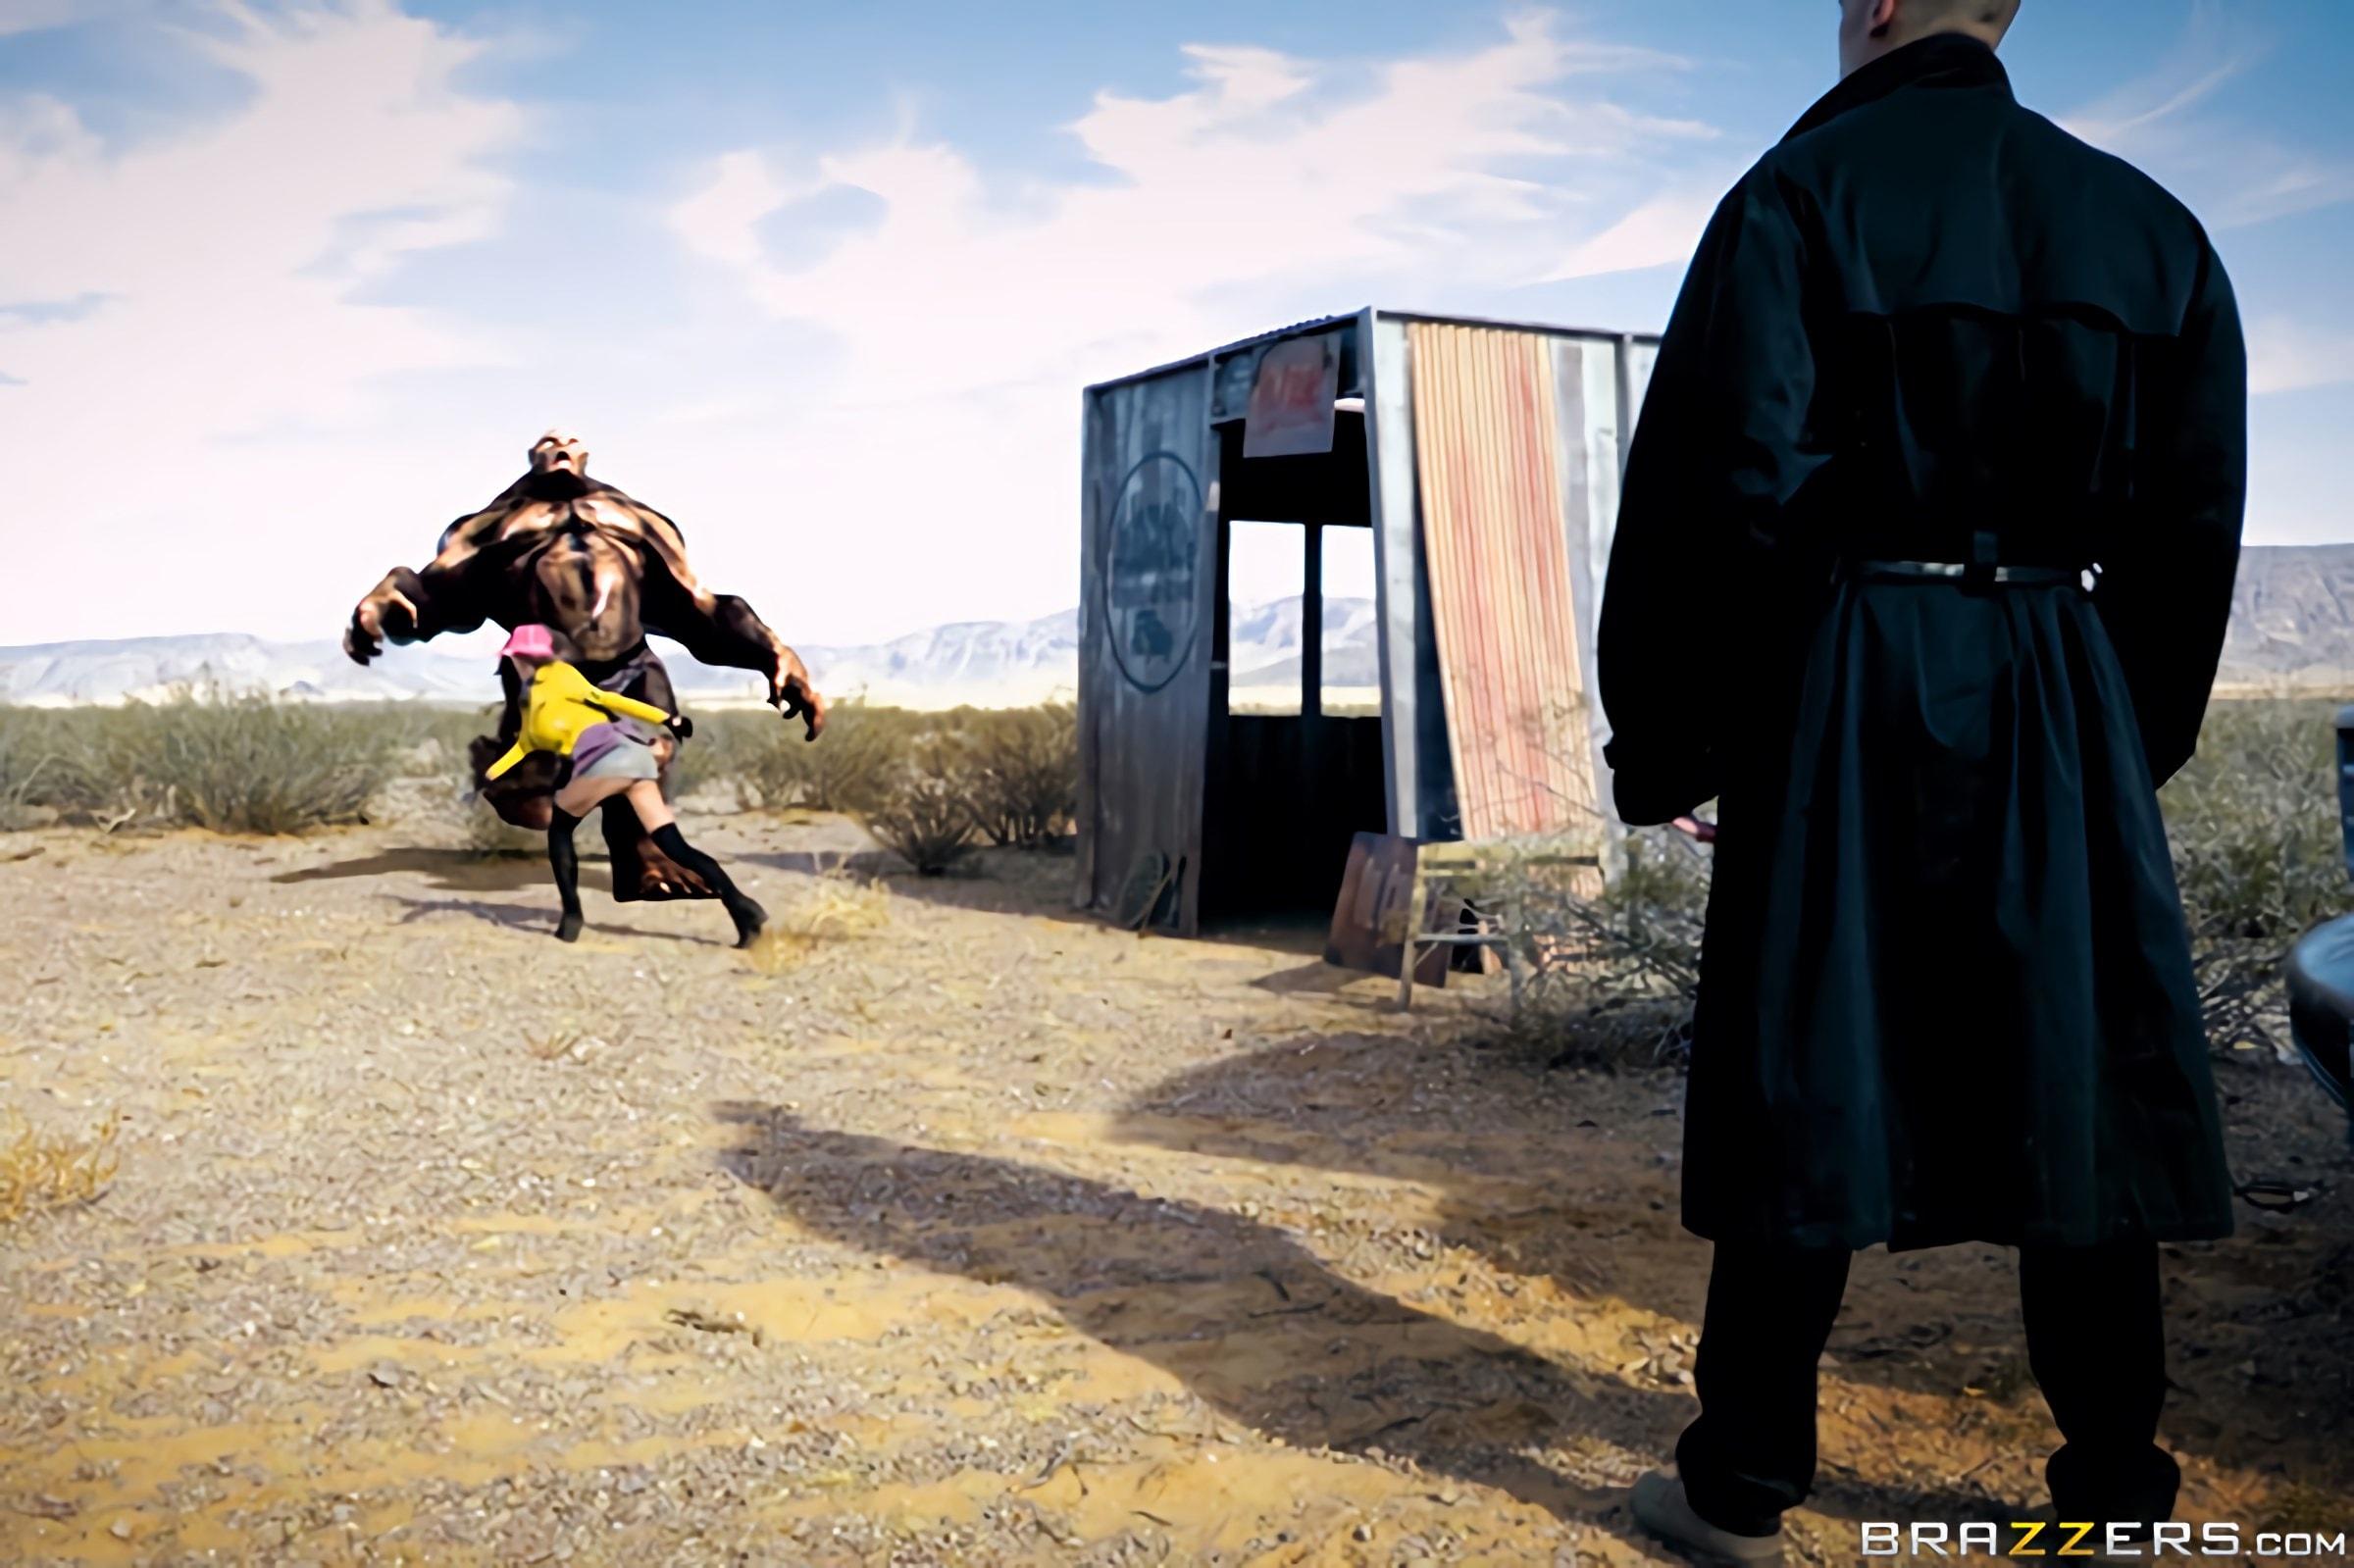 Brazzers 'Full Service Station- A XXX Parody' starring Nikki Benz (Photo 2)